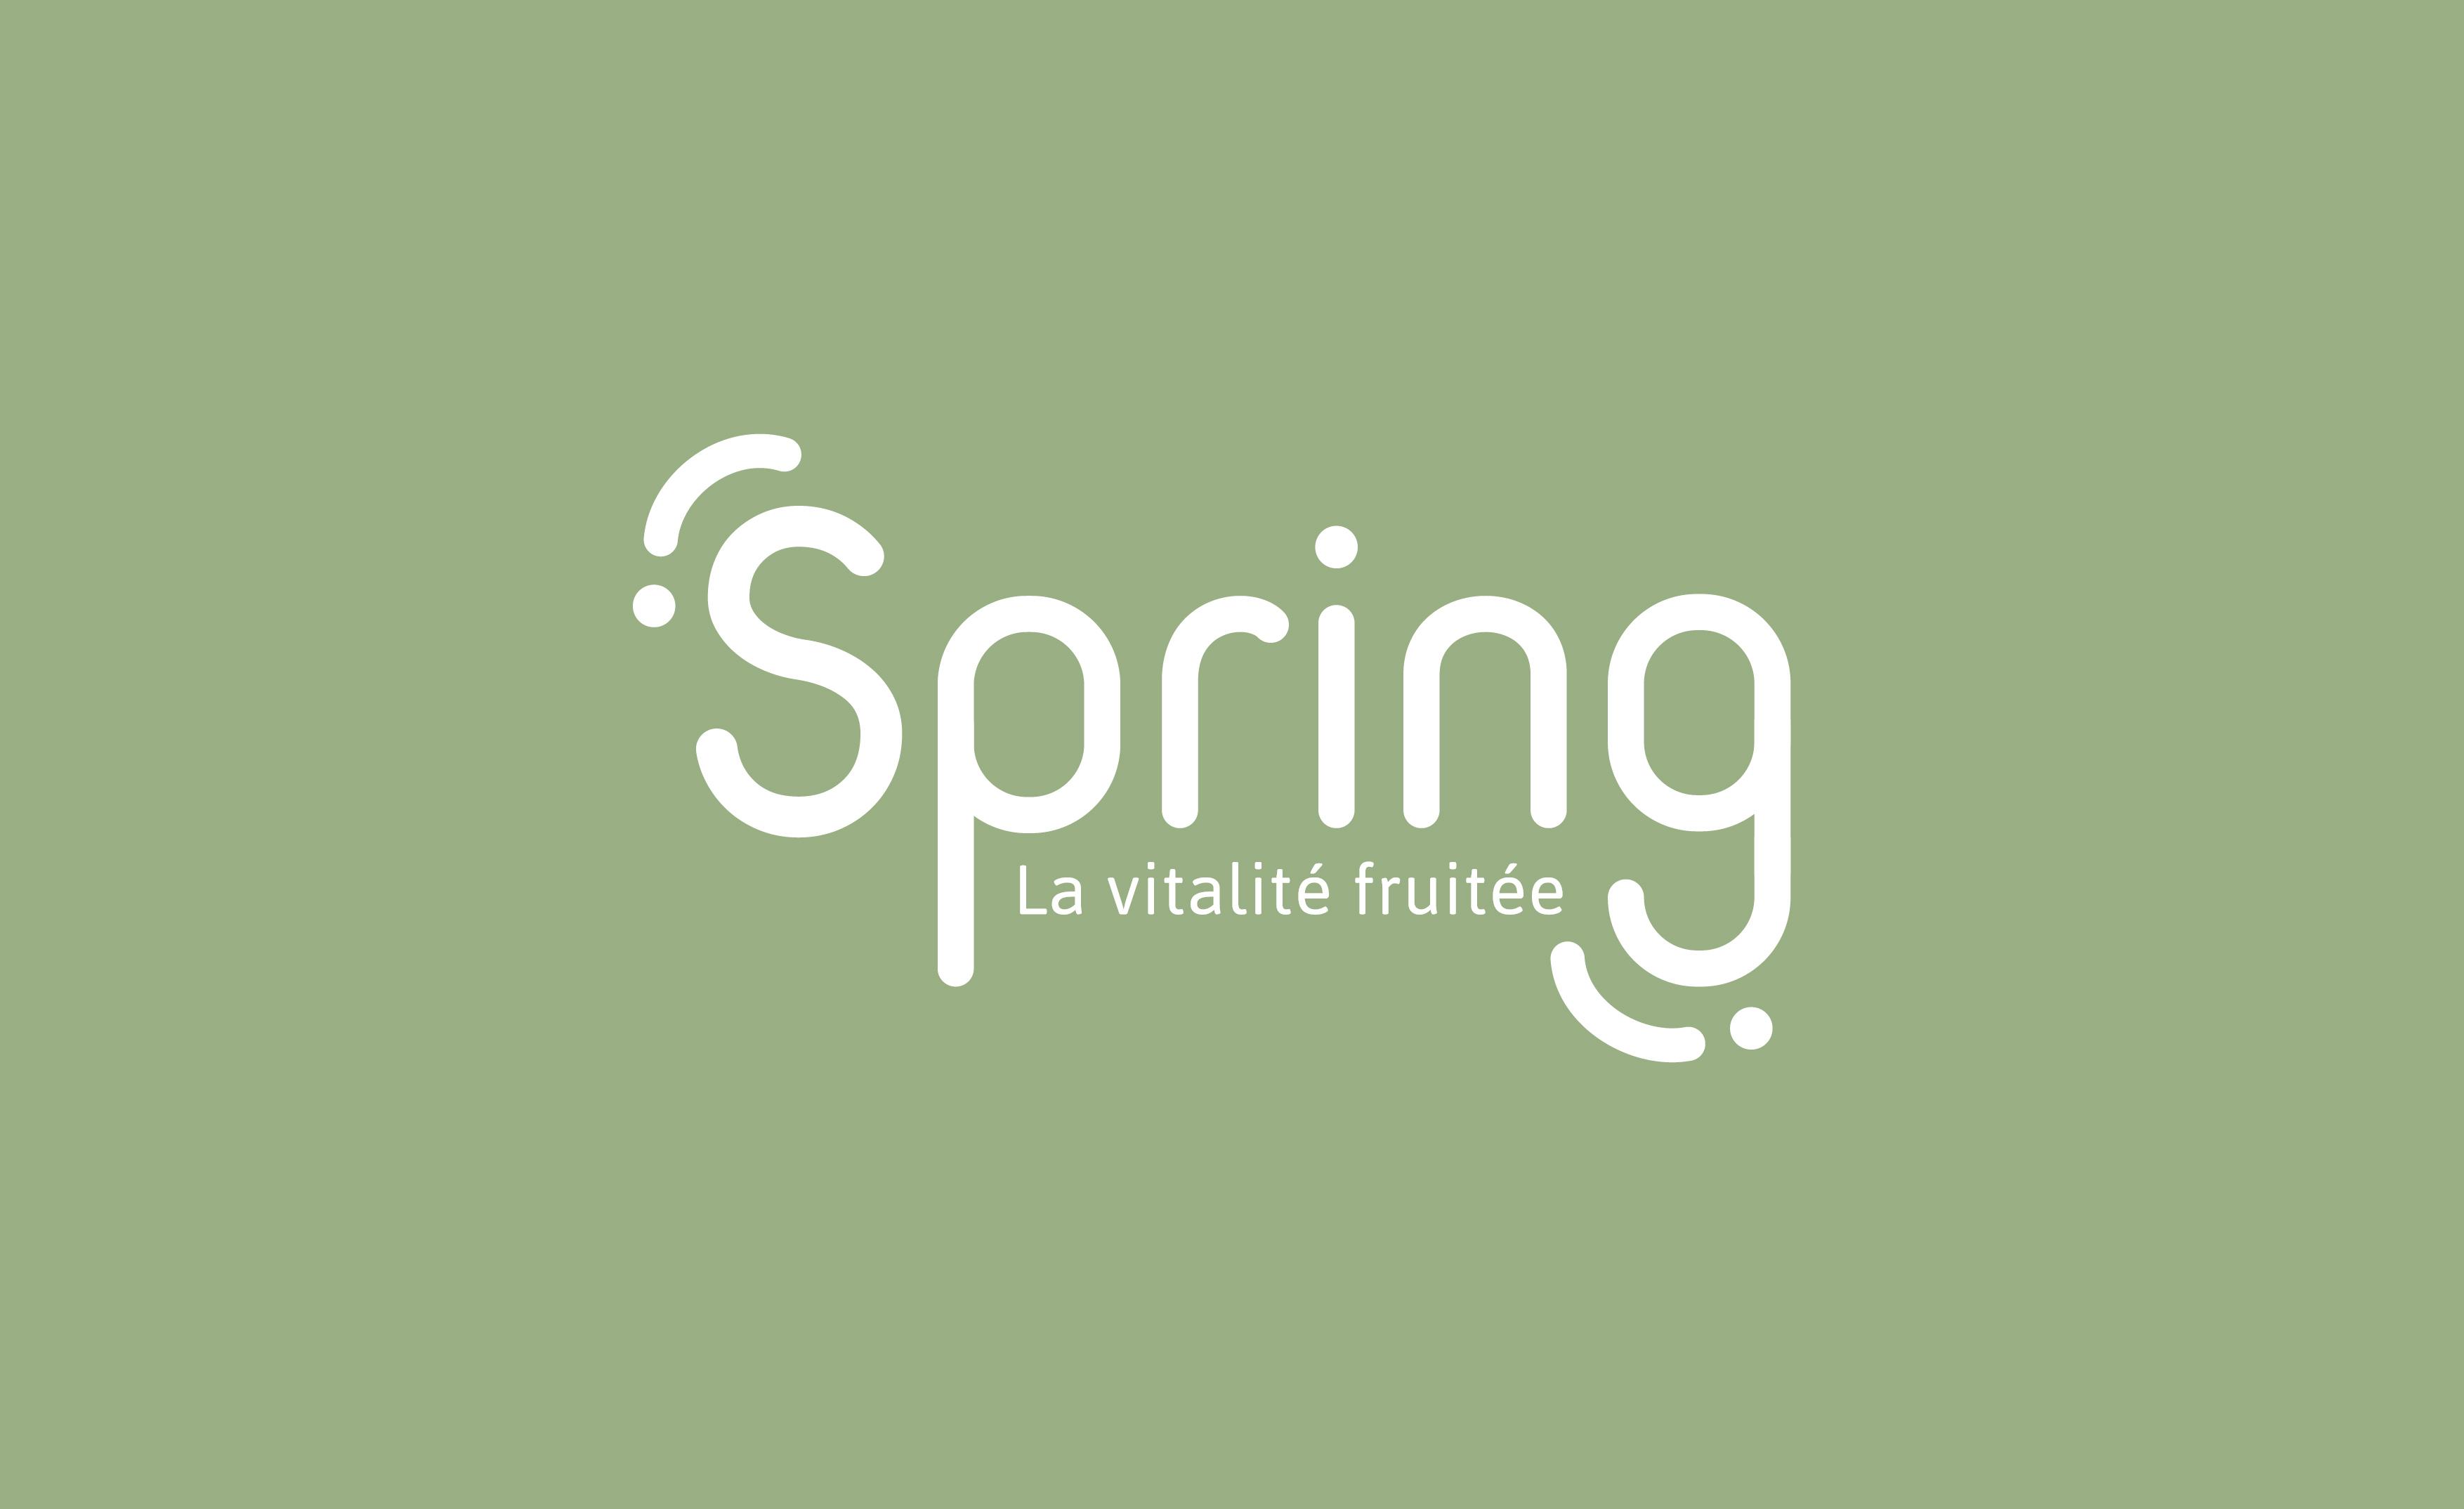 LOGO_SPRING-01